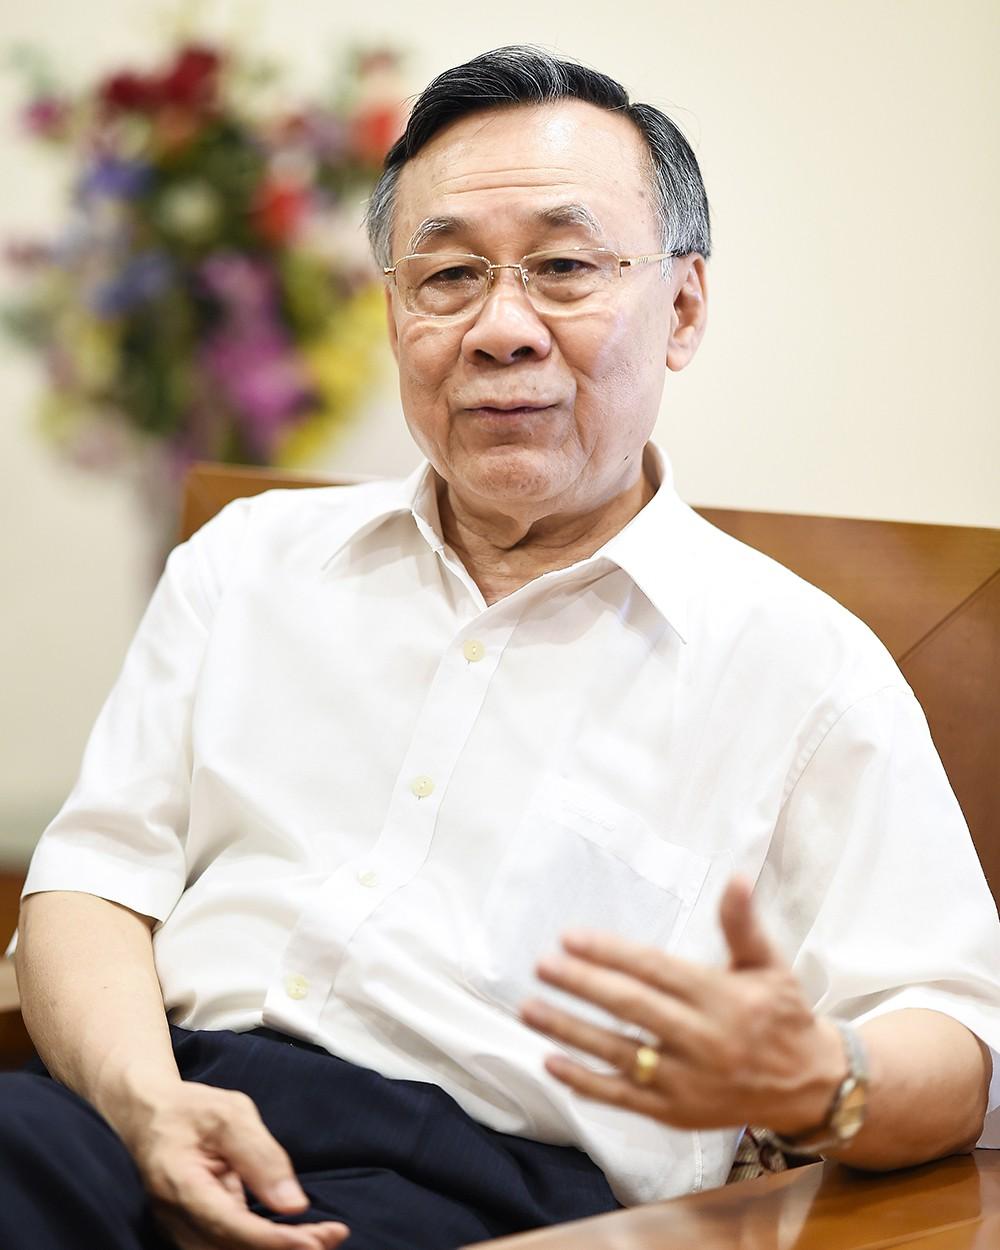 Đại sứ Dương Chính Thức: Tôi may mắn được biết một đất nước Triều Tiên rất khác - Ảnh 8.